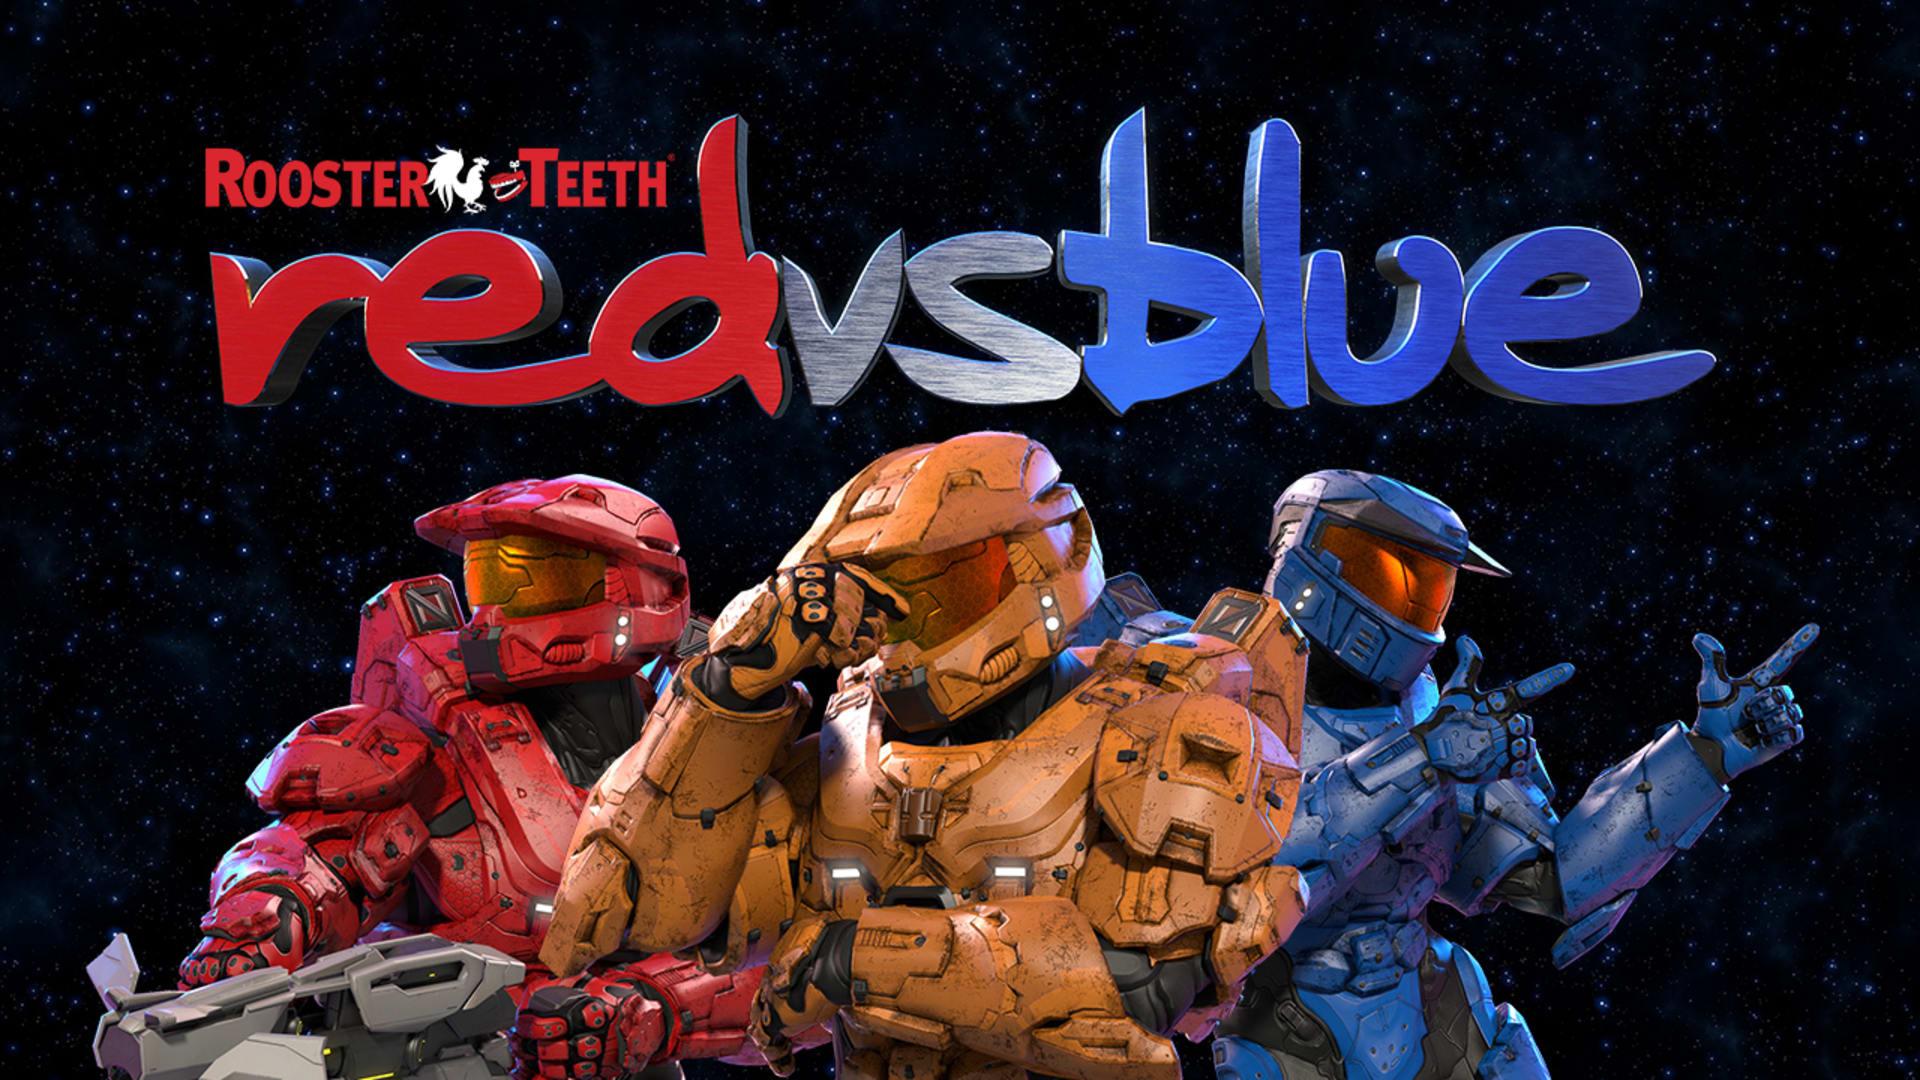 Series Red Vs Blue Rooster Teeth